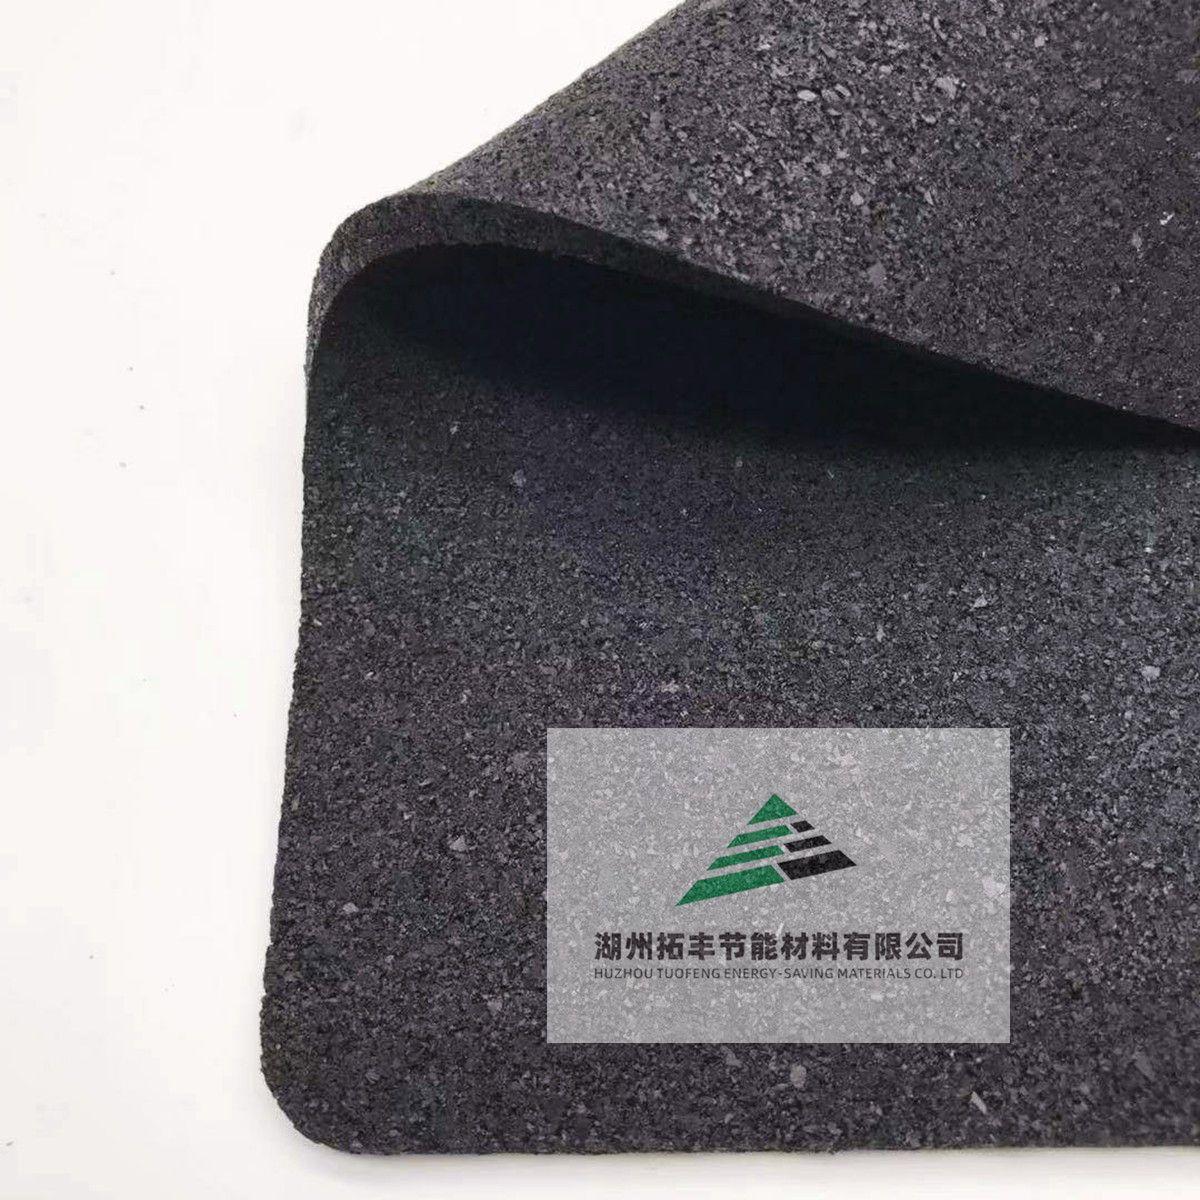 环保橡胶隔音减振垫,橡胶颗粒减振垫,黑色橡胶泡棉隔音减震垫,橡胶泡棉隔音减振垫,橡胶泡棉隔音减振垫,减振隔声垫